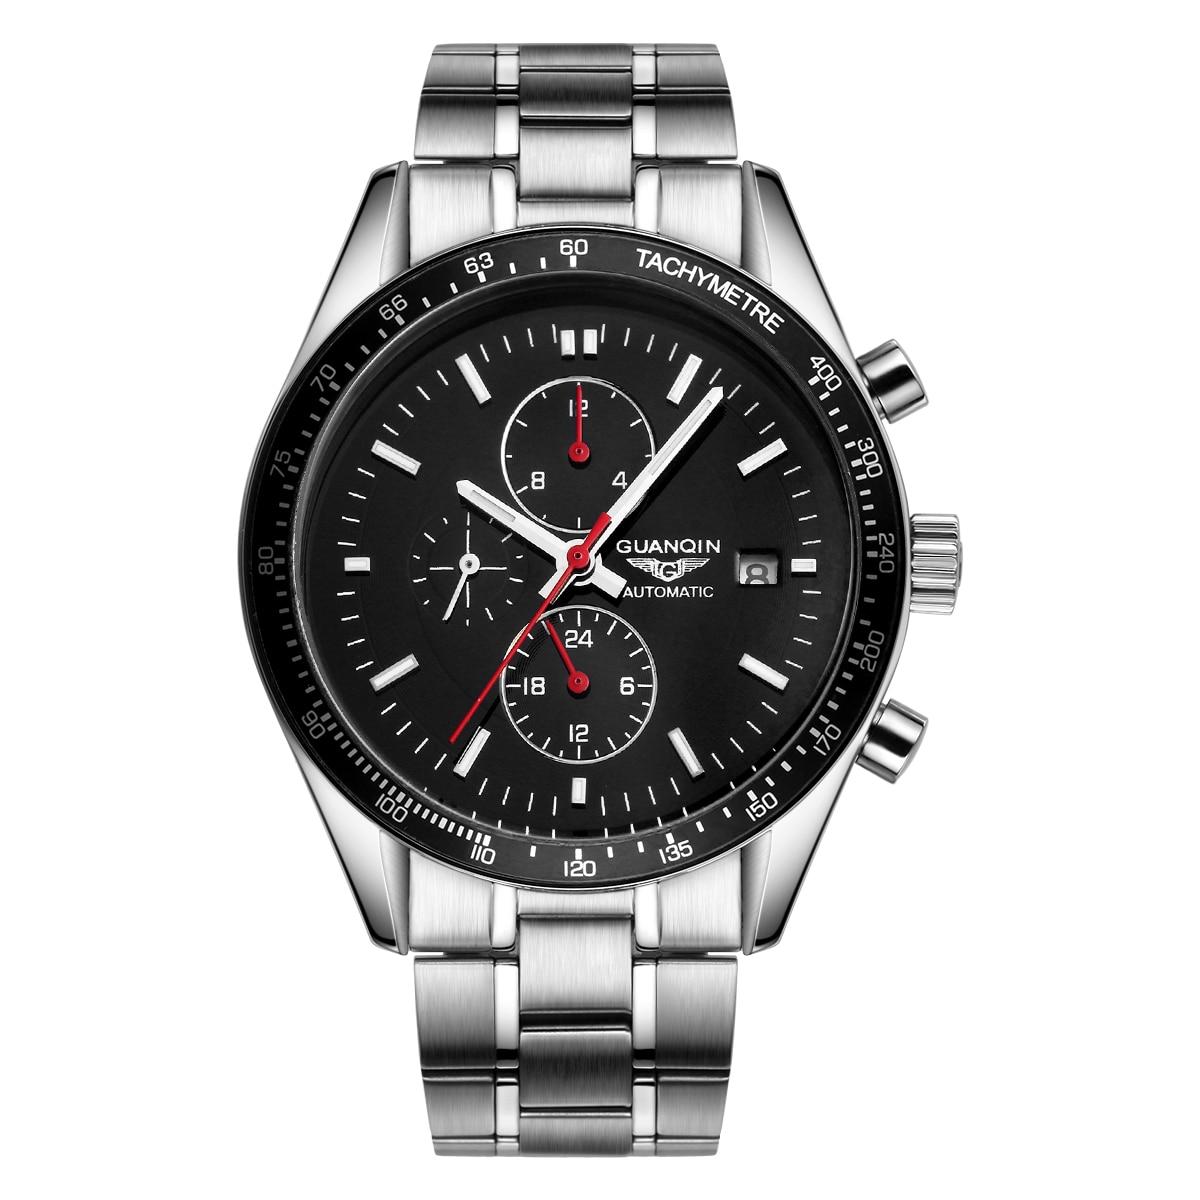 Top Brand Luxury Waterproof Steel Wristwatch